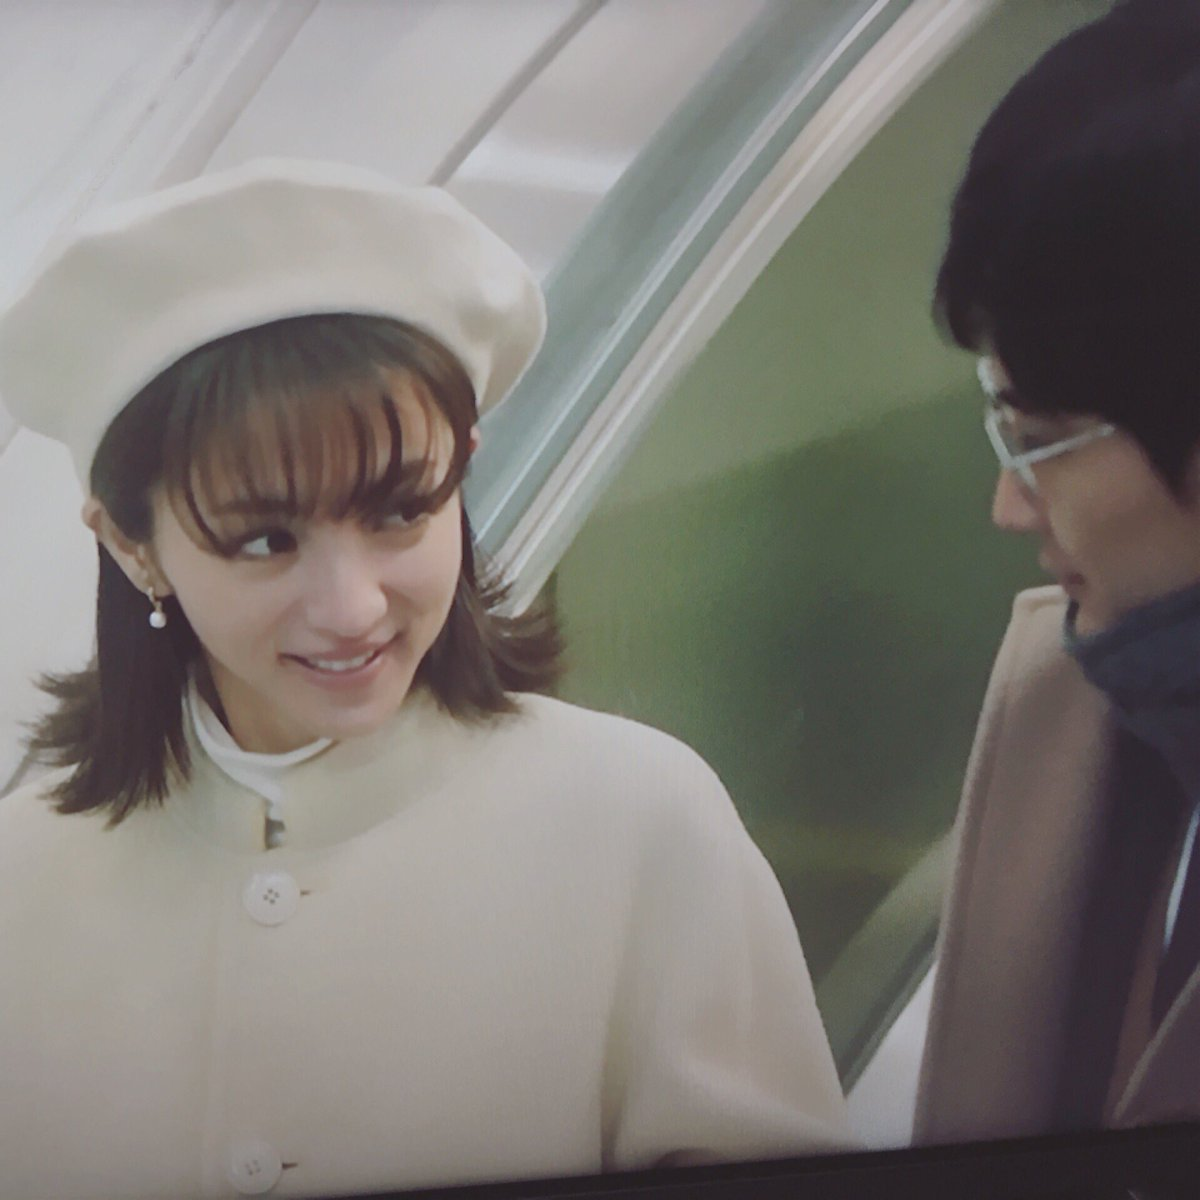 test ツイッターメディア - わたしは結構なドラマオタクなのですが、その中でもダントツで「カルテット」が大好きです。 脚本の坂元裕二さんの間の取り方が最高だし、満島ひかりさん顔小さすぎてはちゃめちゃに可愛いです。  サンドラでレジ打ちしてくれた方が松田龍平さん演じる別府さんと同じ名字で嬉しすぎて震えました…😭 https://t.co/3mdGQxqMi8